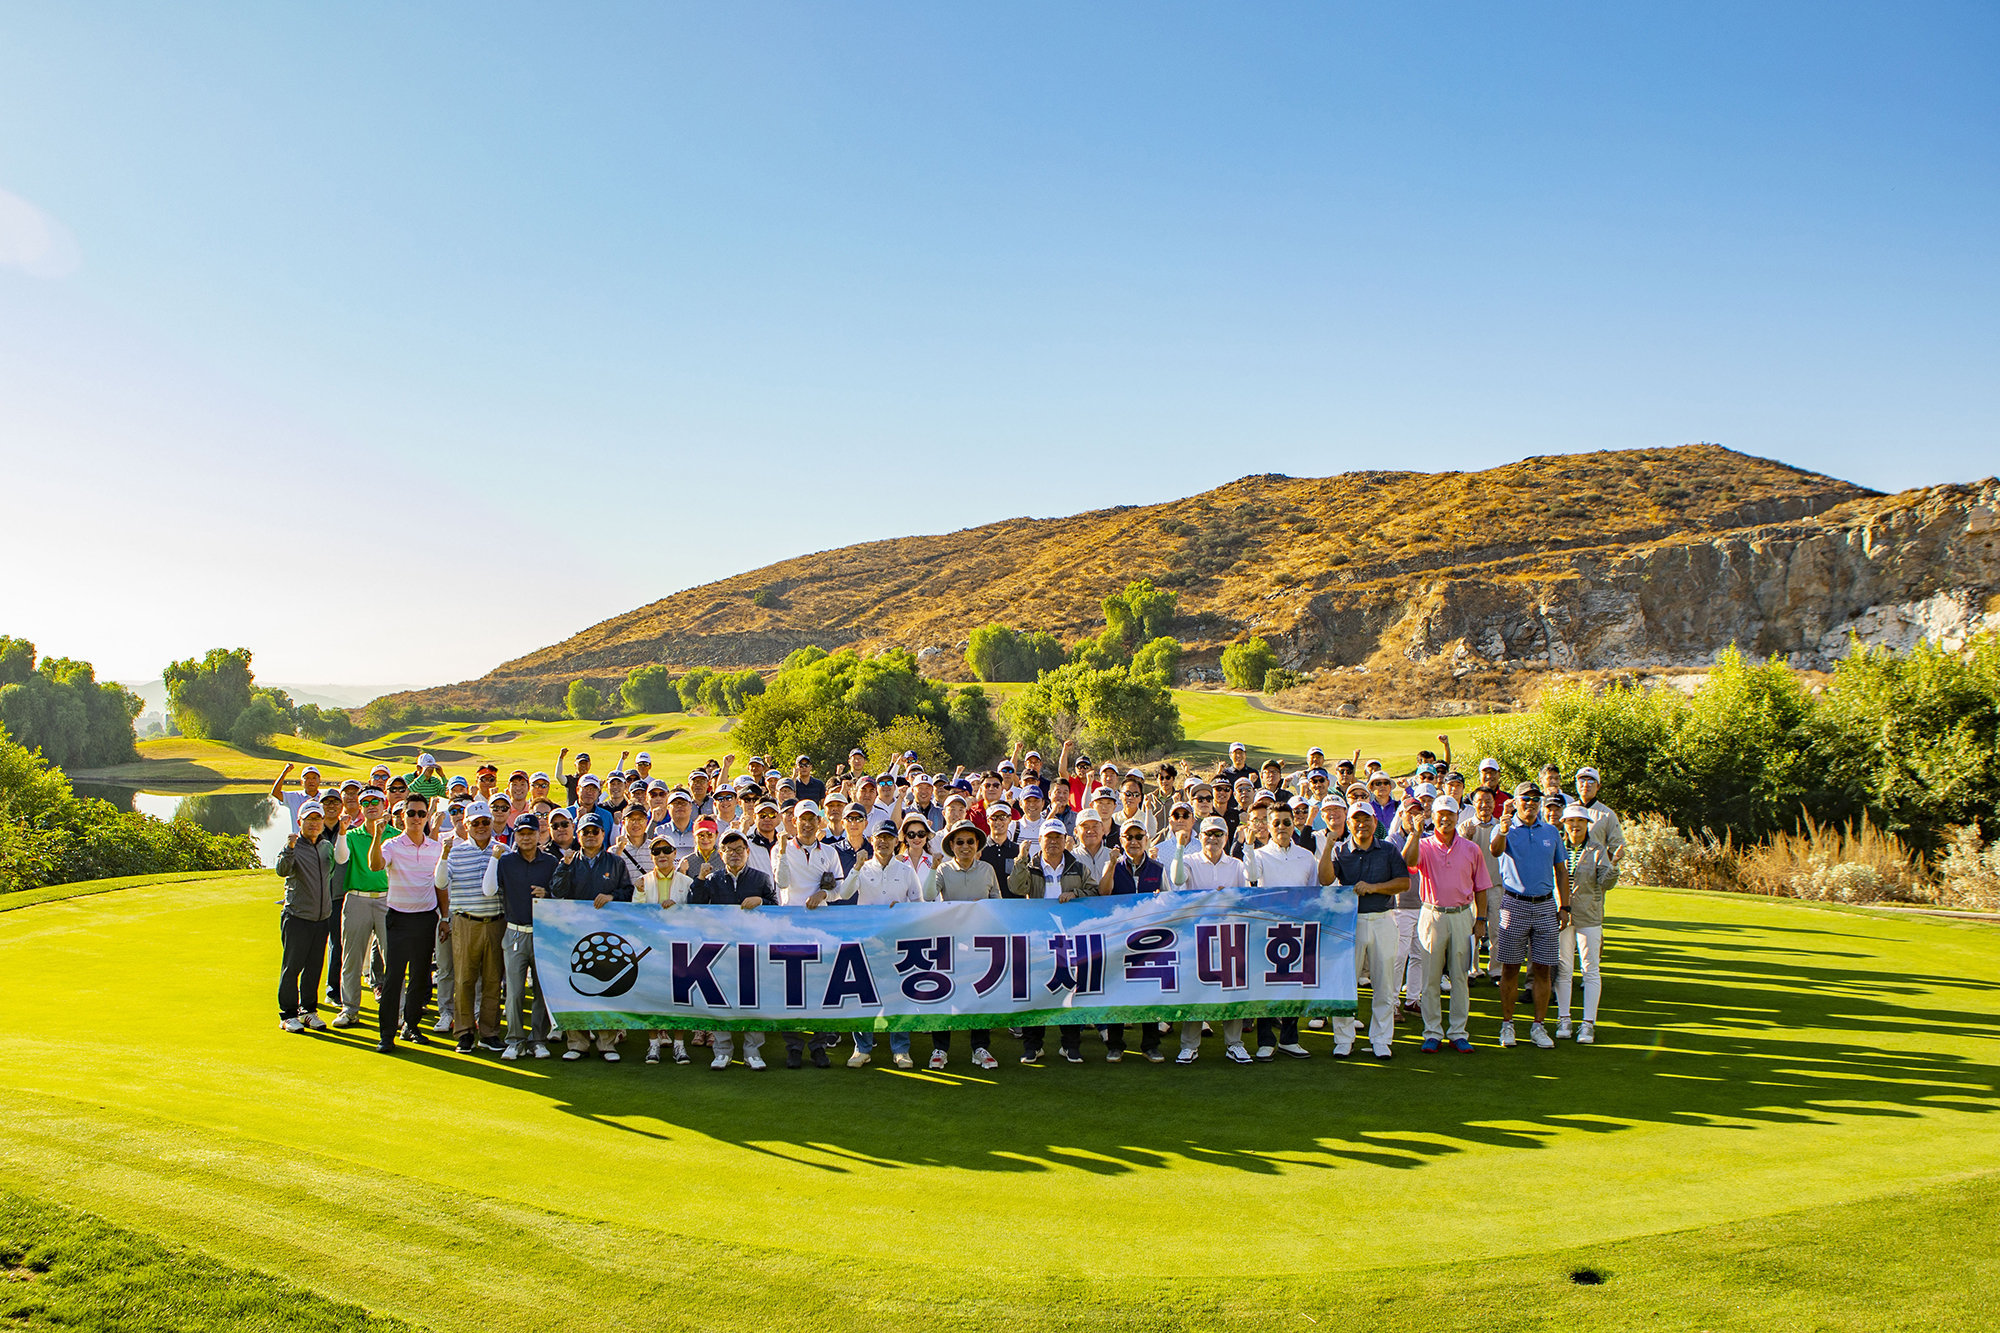 KITA 2019 하반기 체육대회 (Golf Tournament)